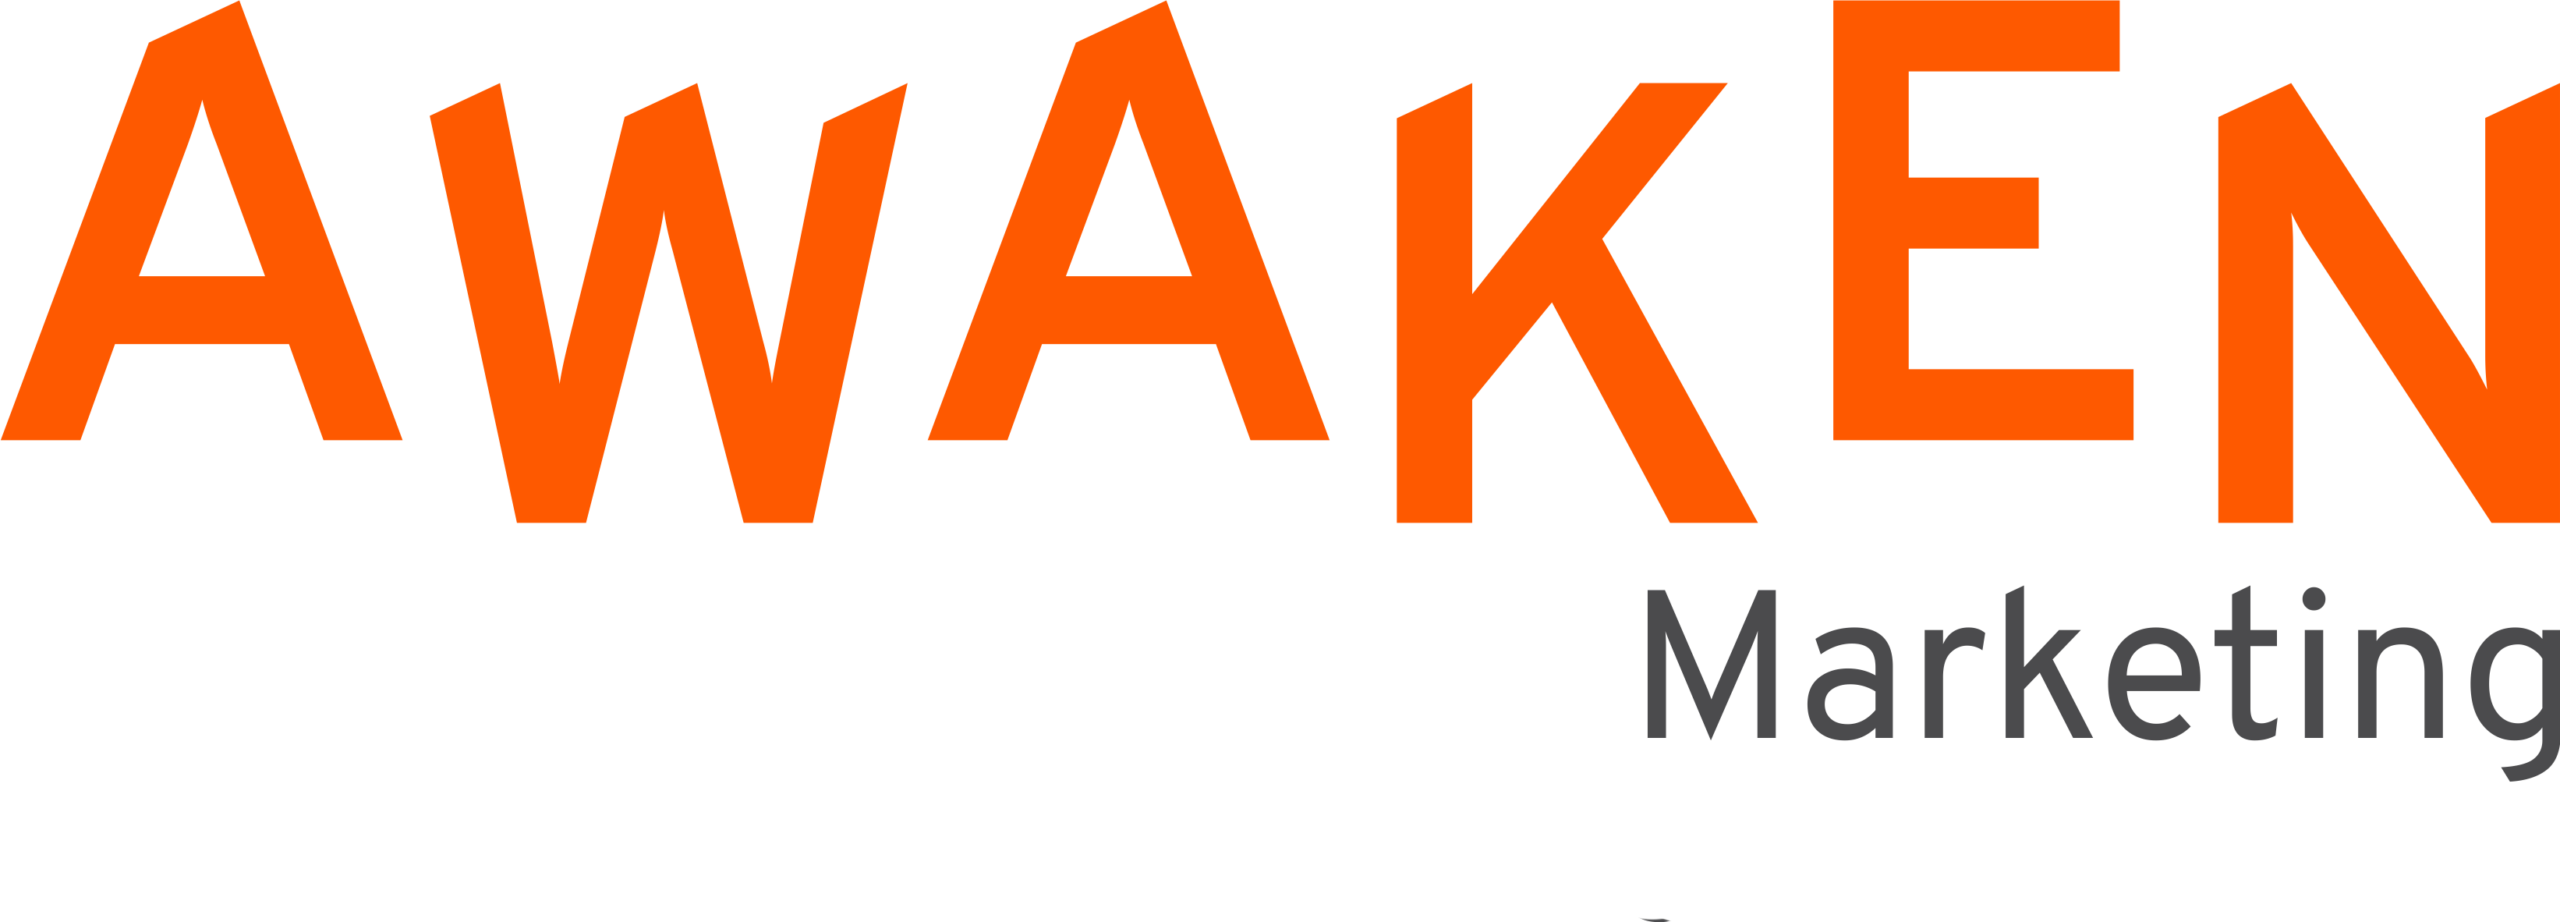 logo awaken marketing